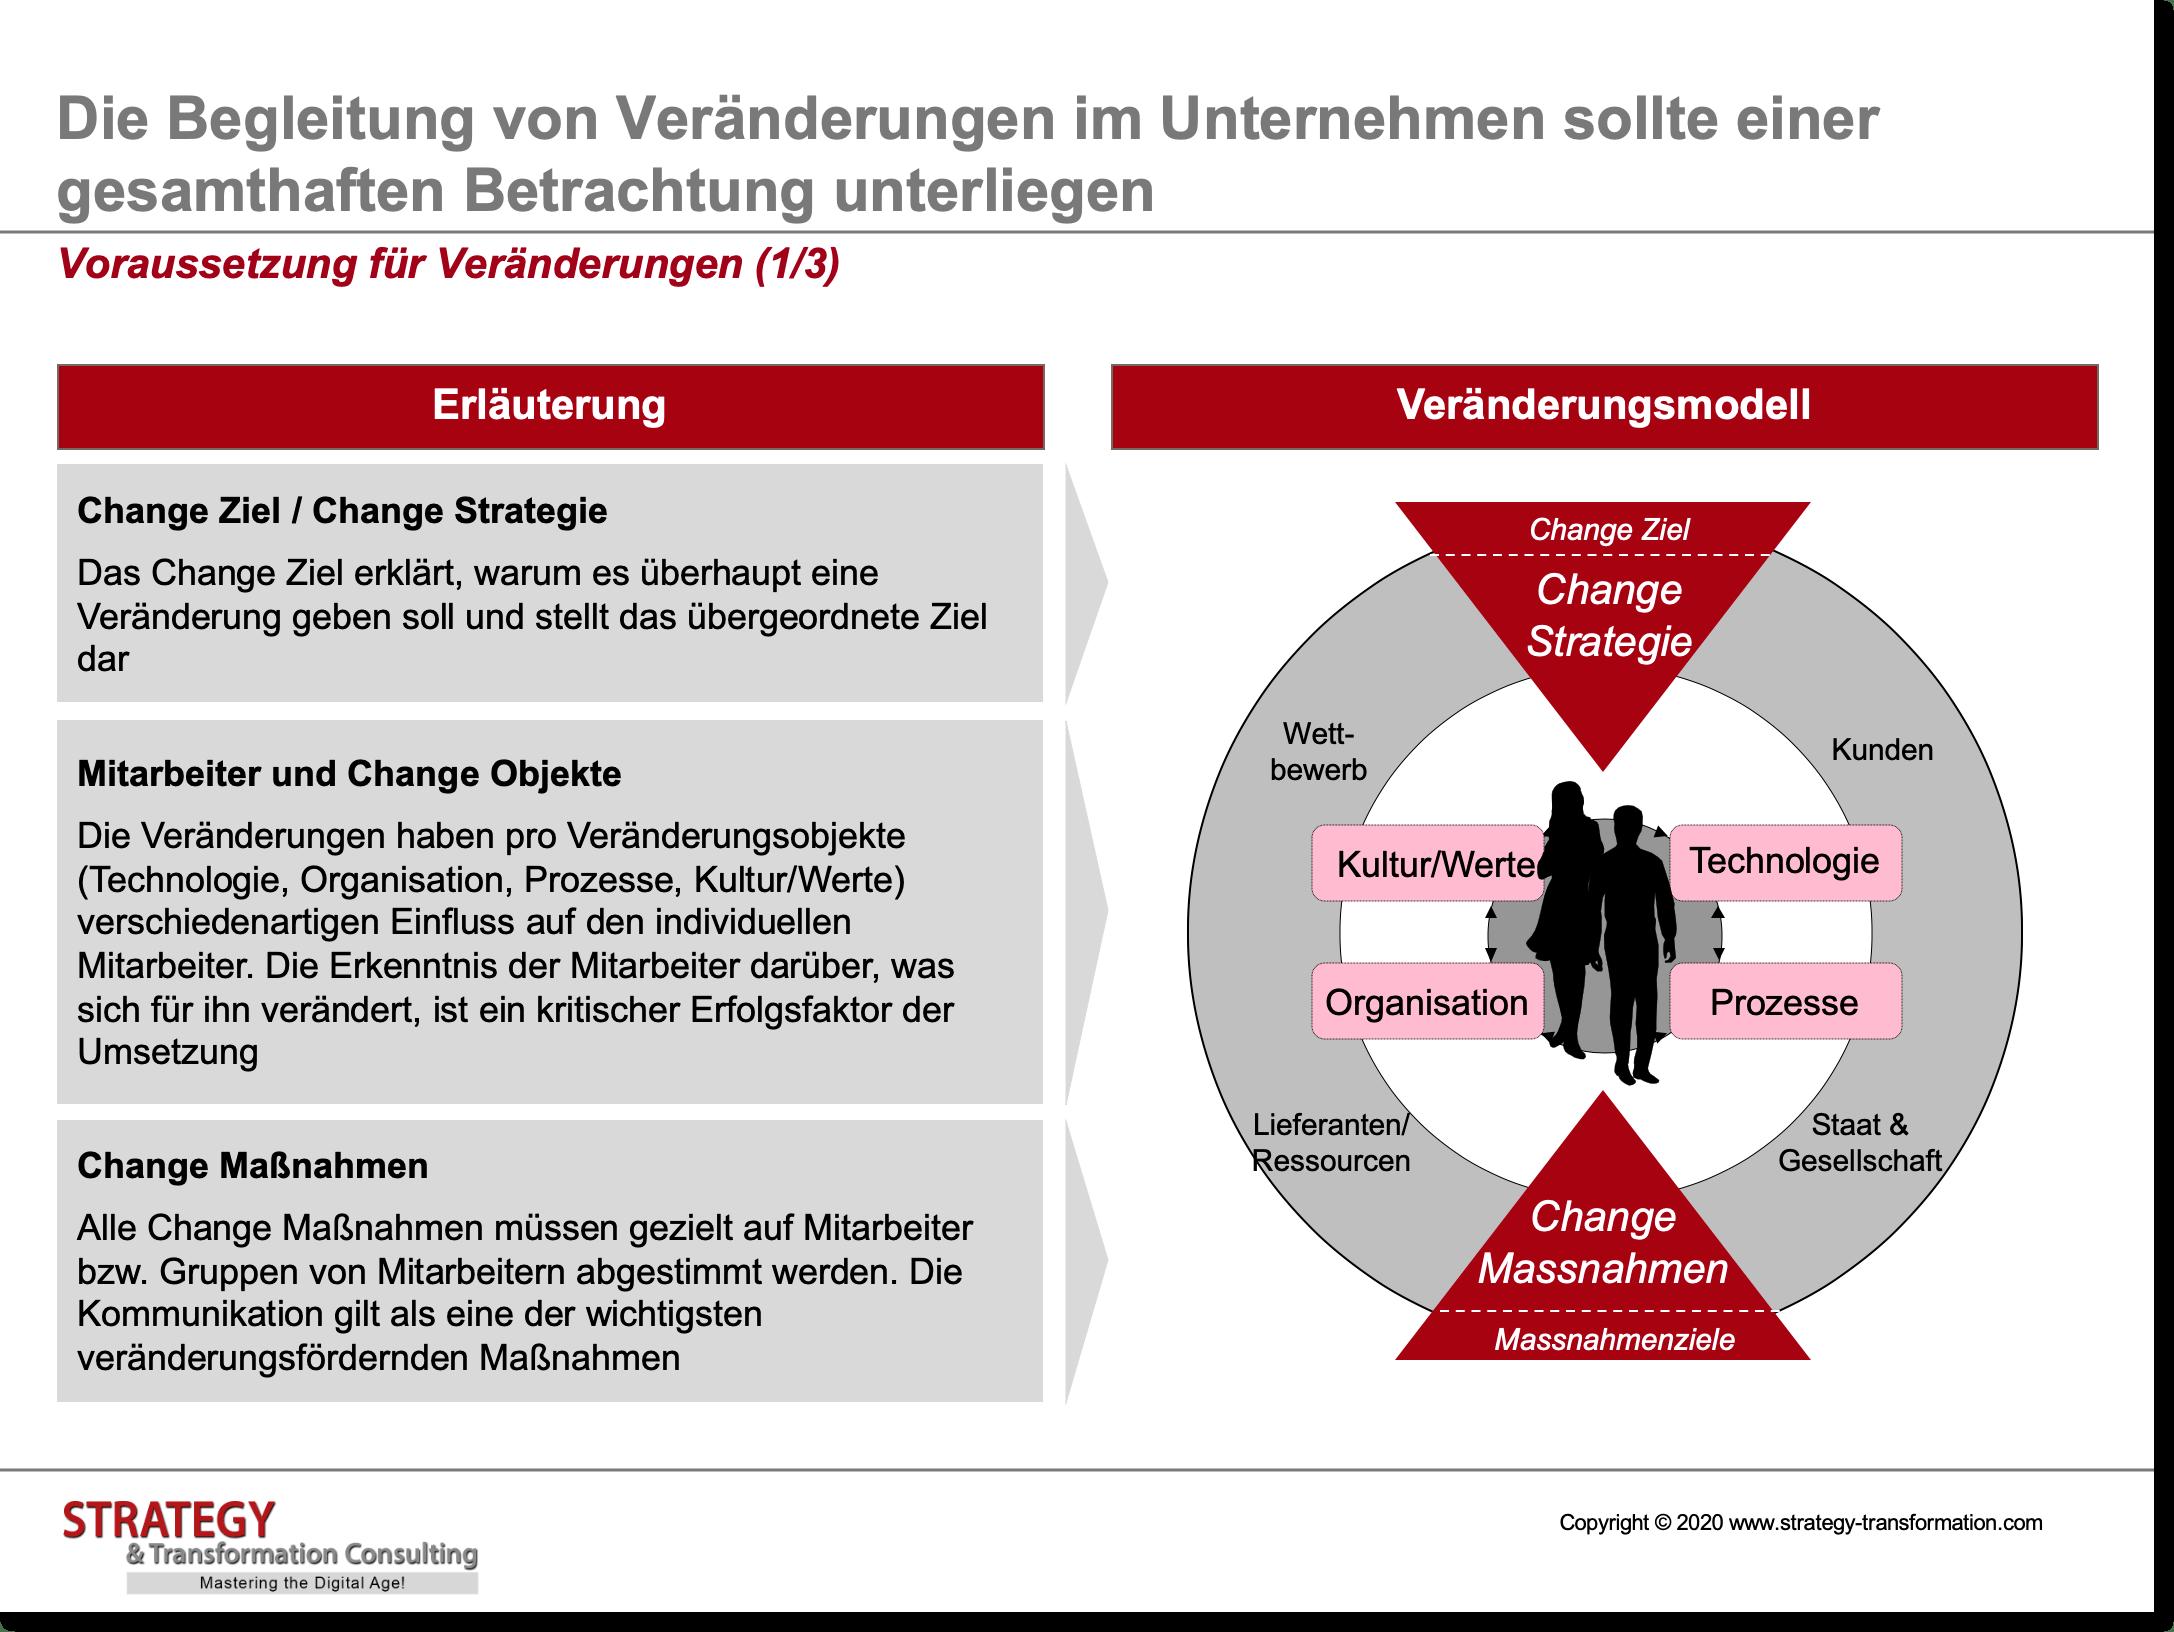 Change Management_Vorraussetzung für Veränderung 1 von 3